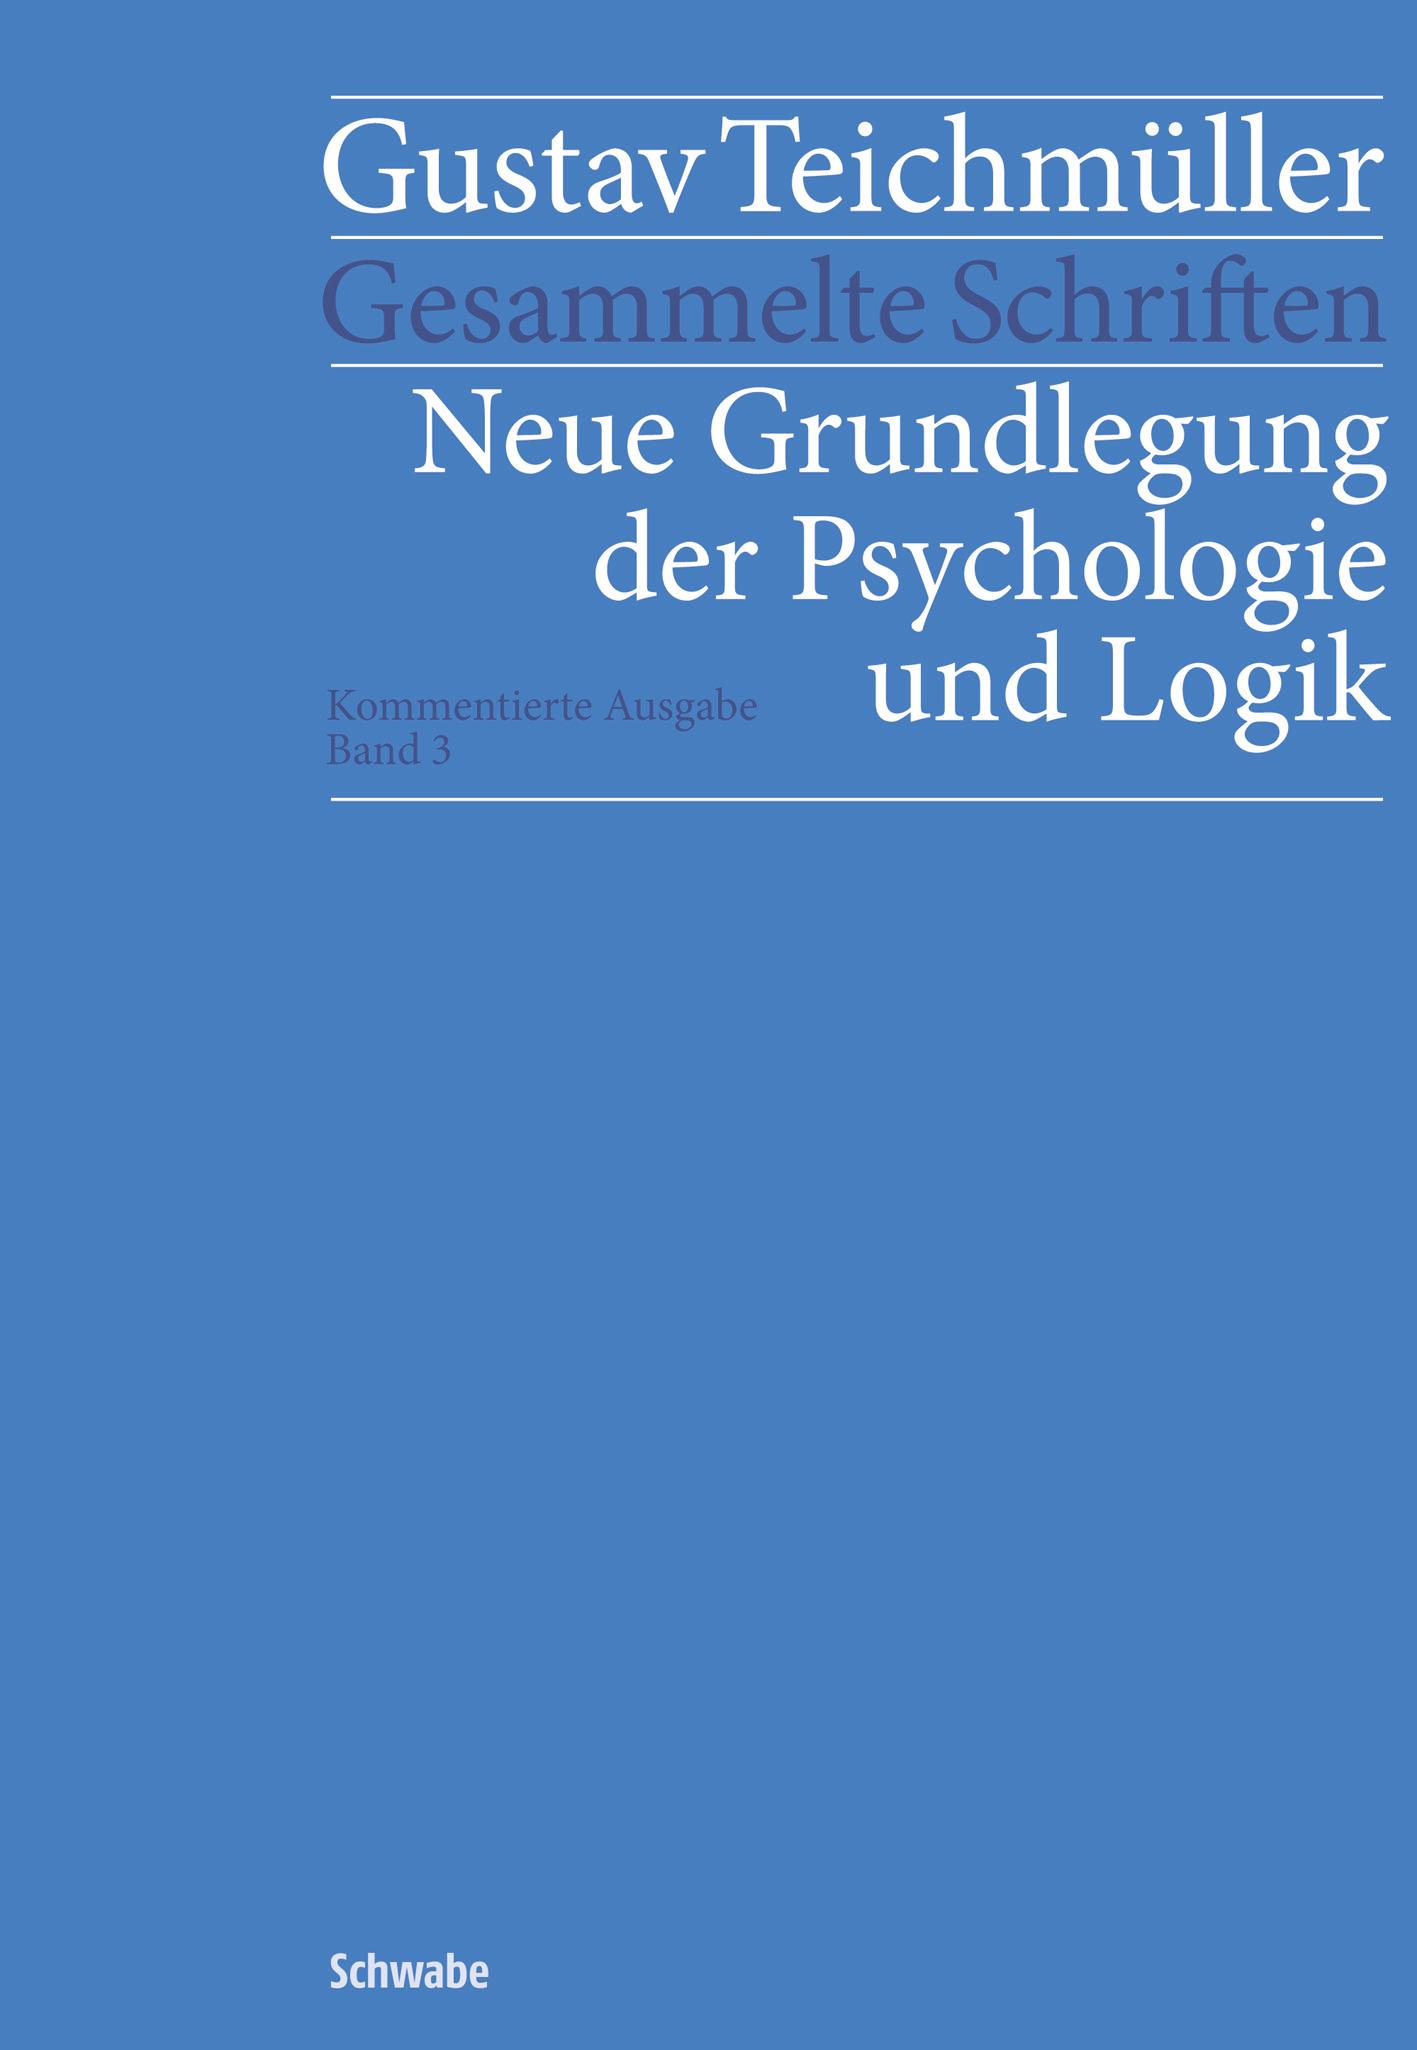 Gustav Teichmüller: Gesammelte Schriften